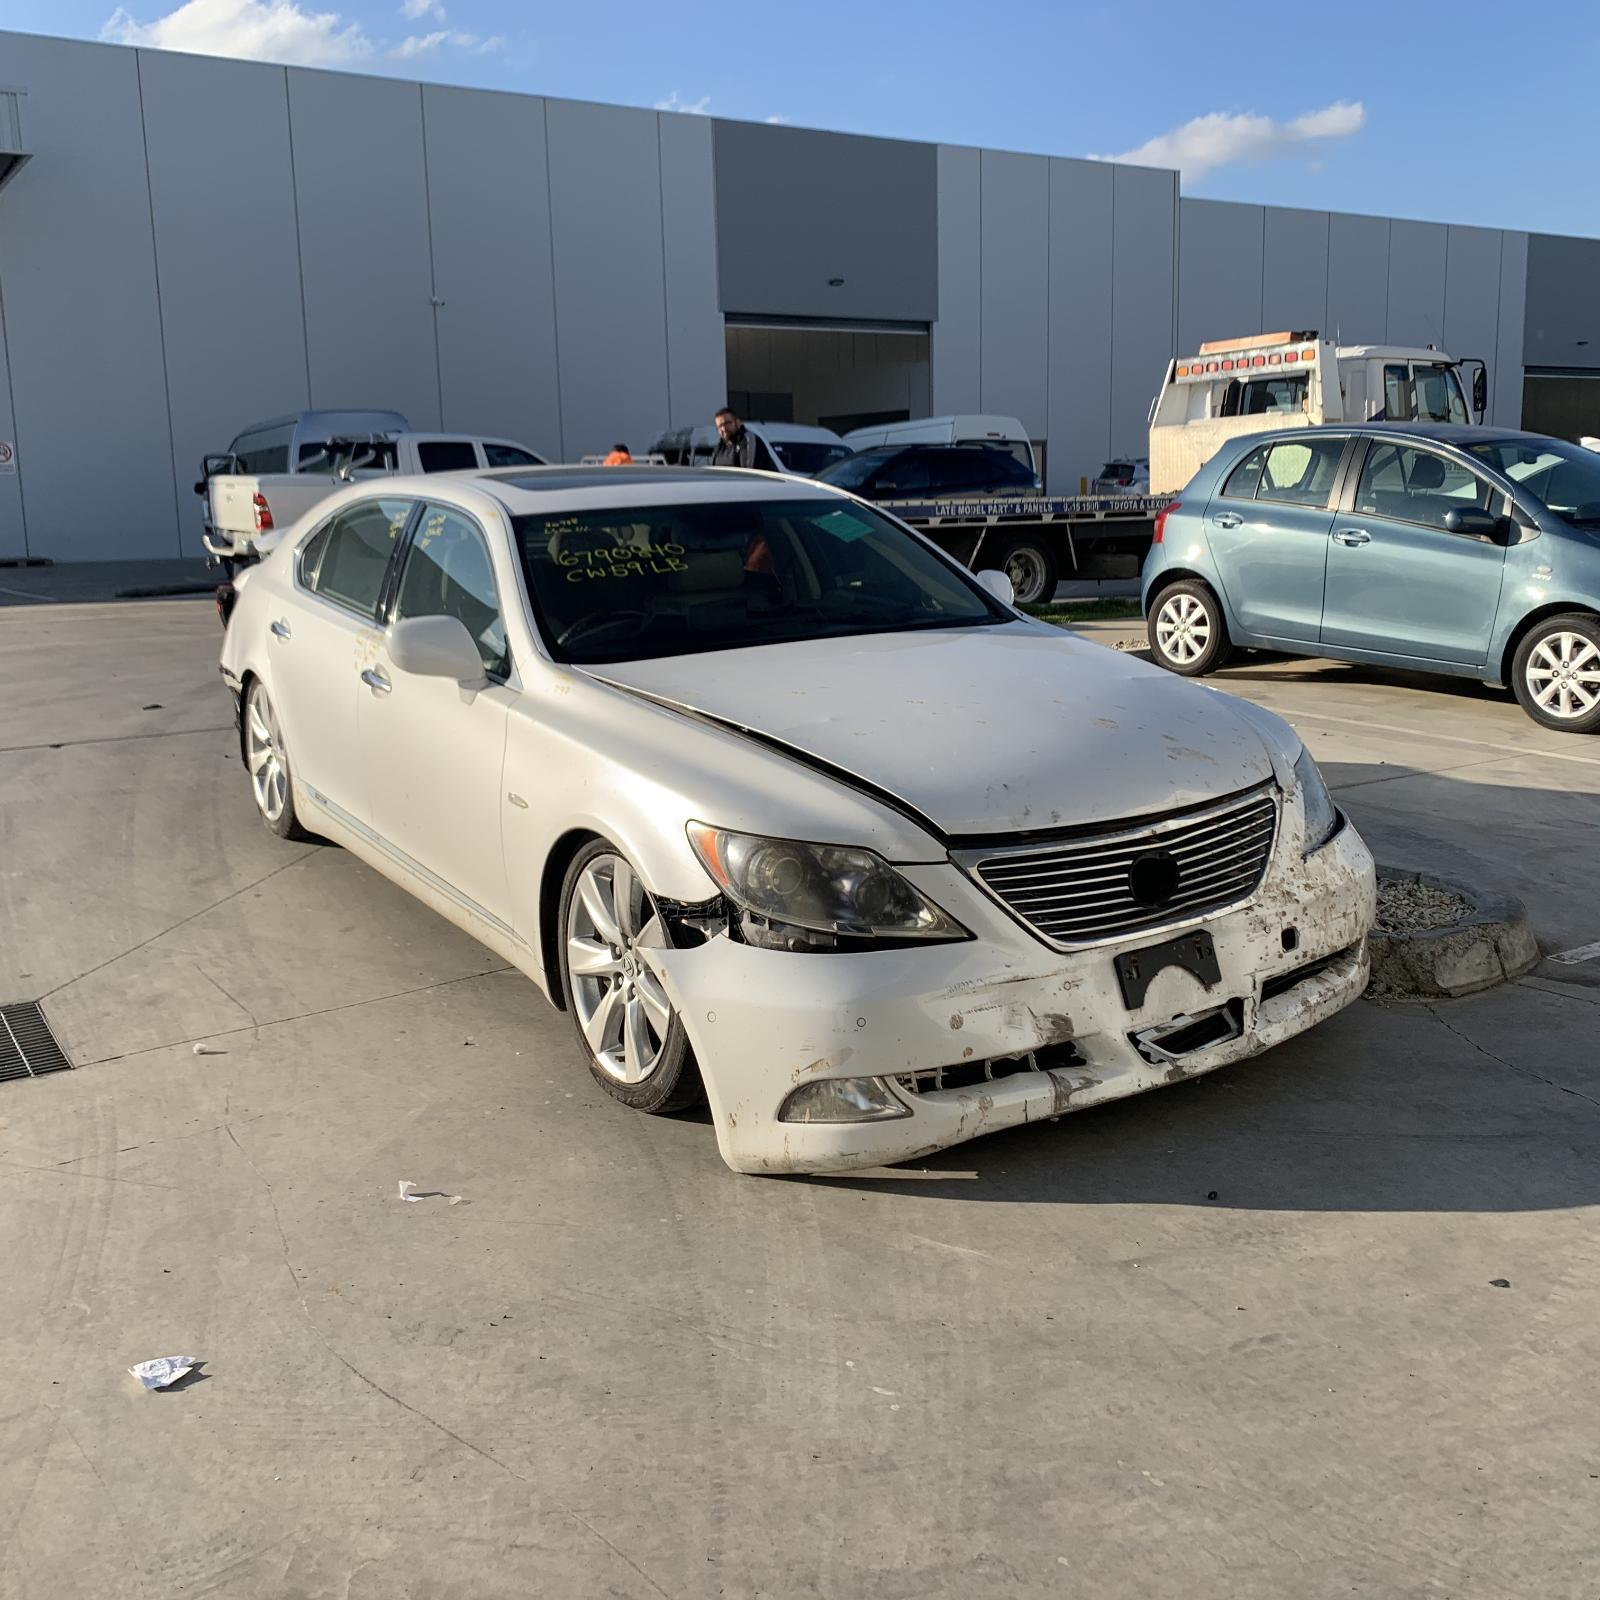 Lexus LS600HL UVF46R HYBRID 2UR-FSE 5.0L Engine Automatic RWD Transmission 04/07 - 12/17